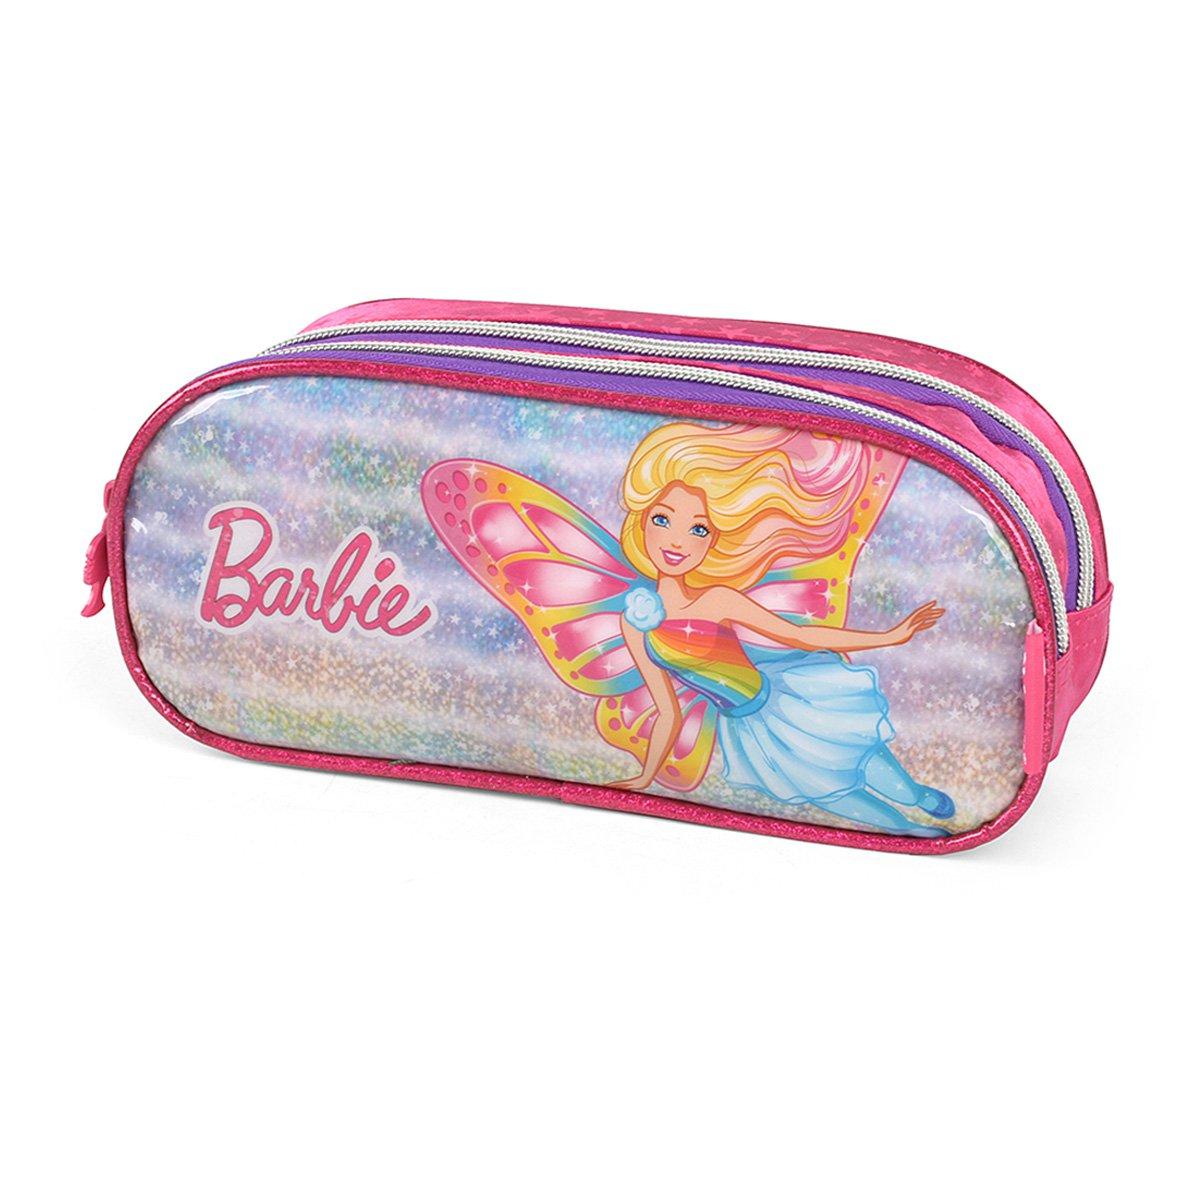 Estojo Duplo Infantil Luxcel Barbie Feminino